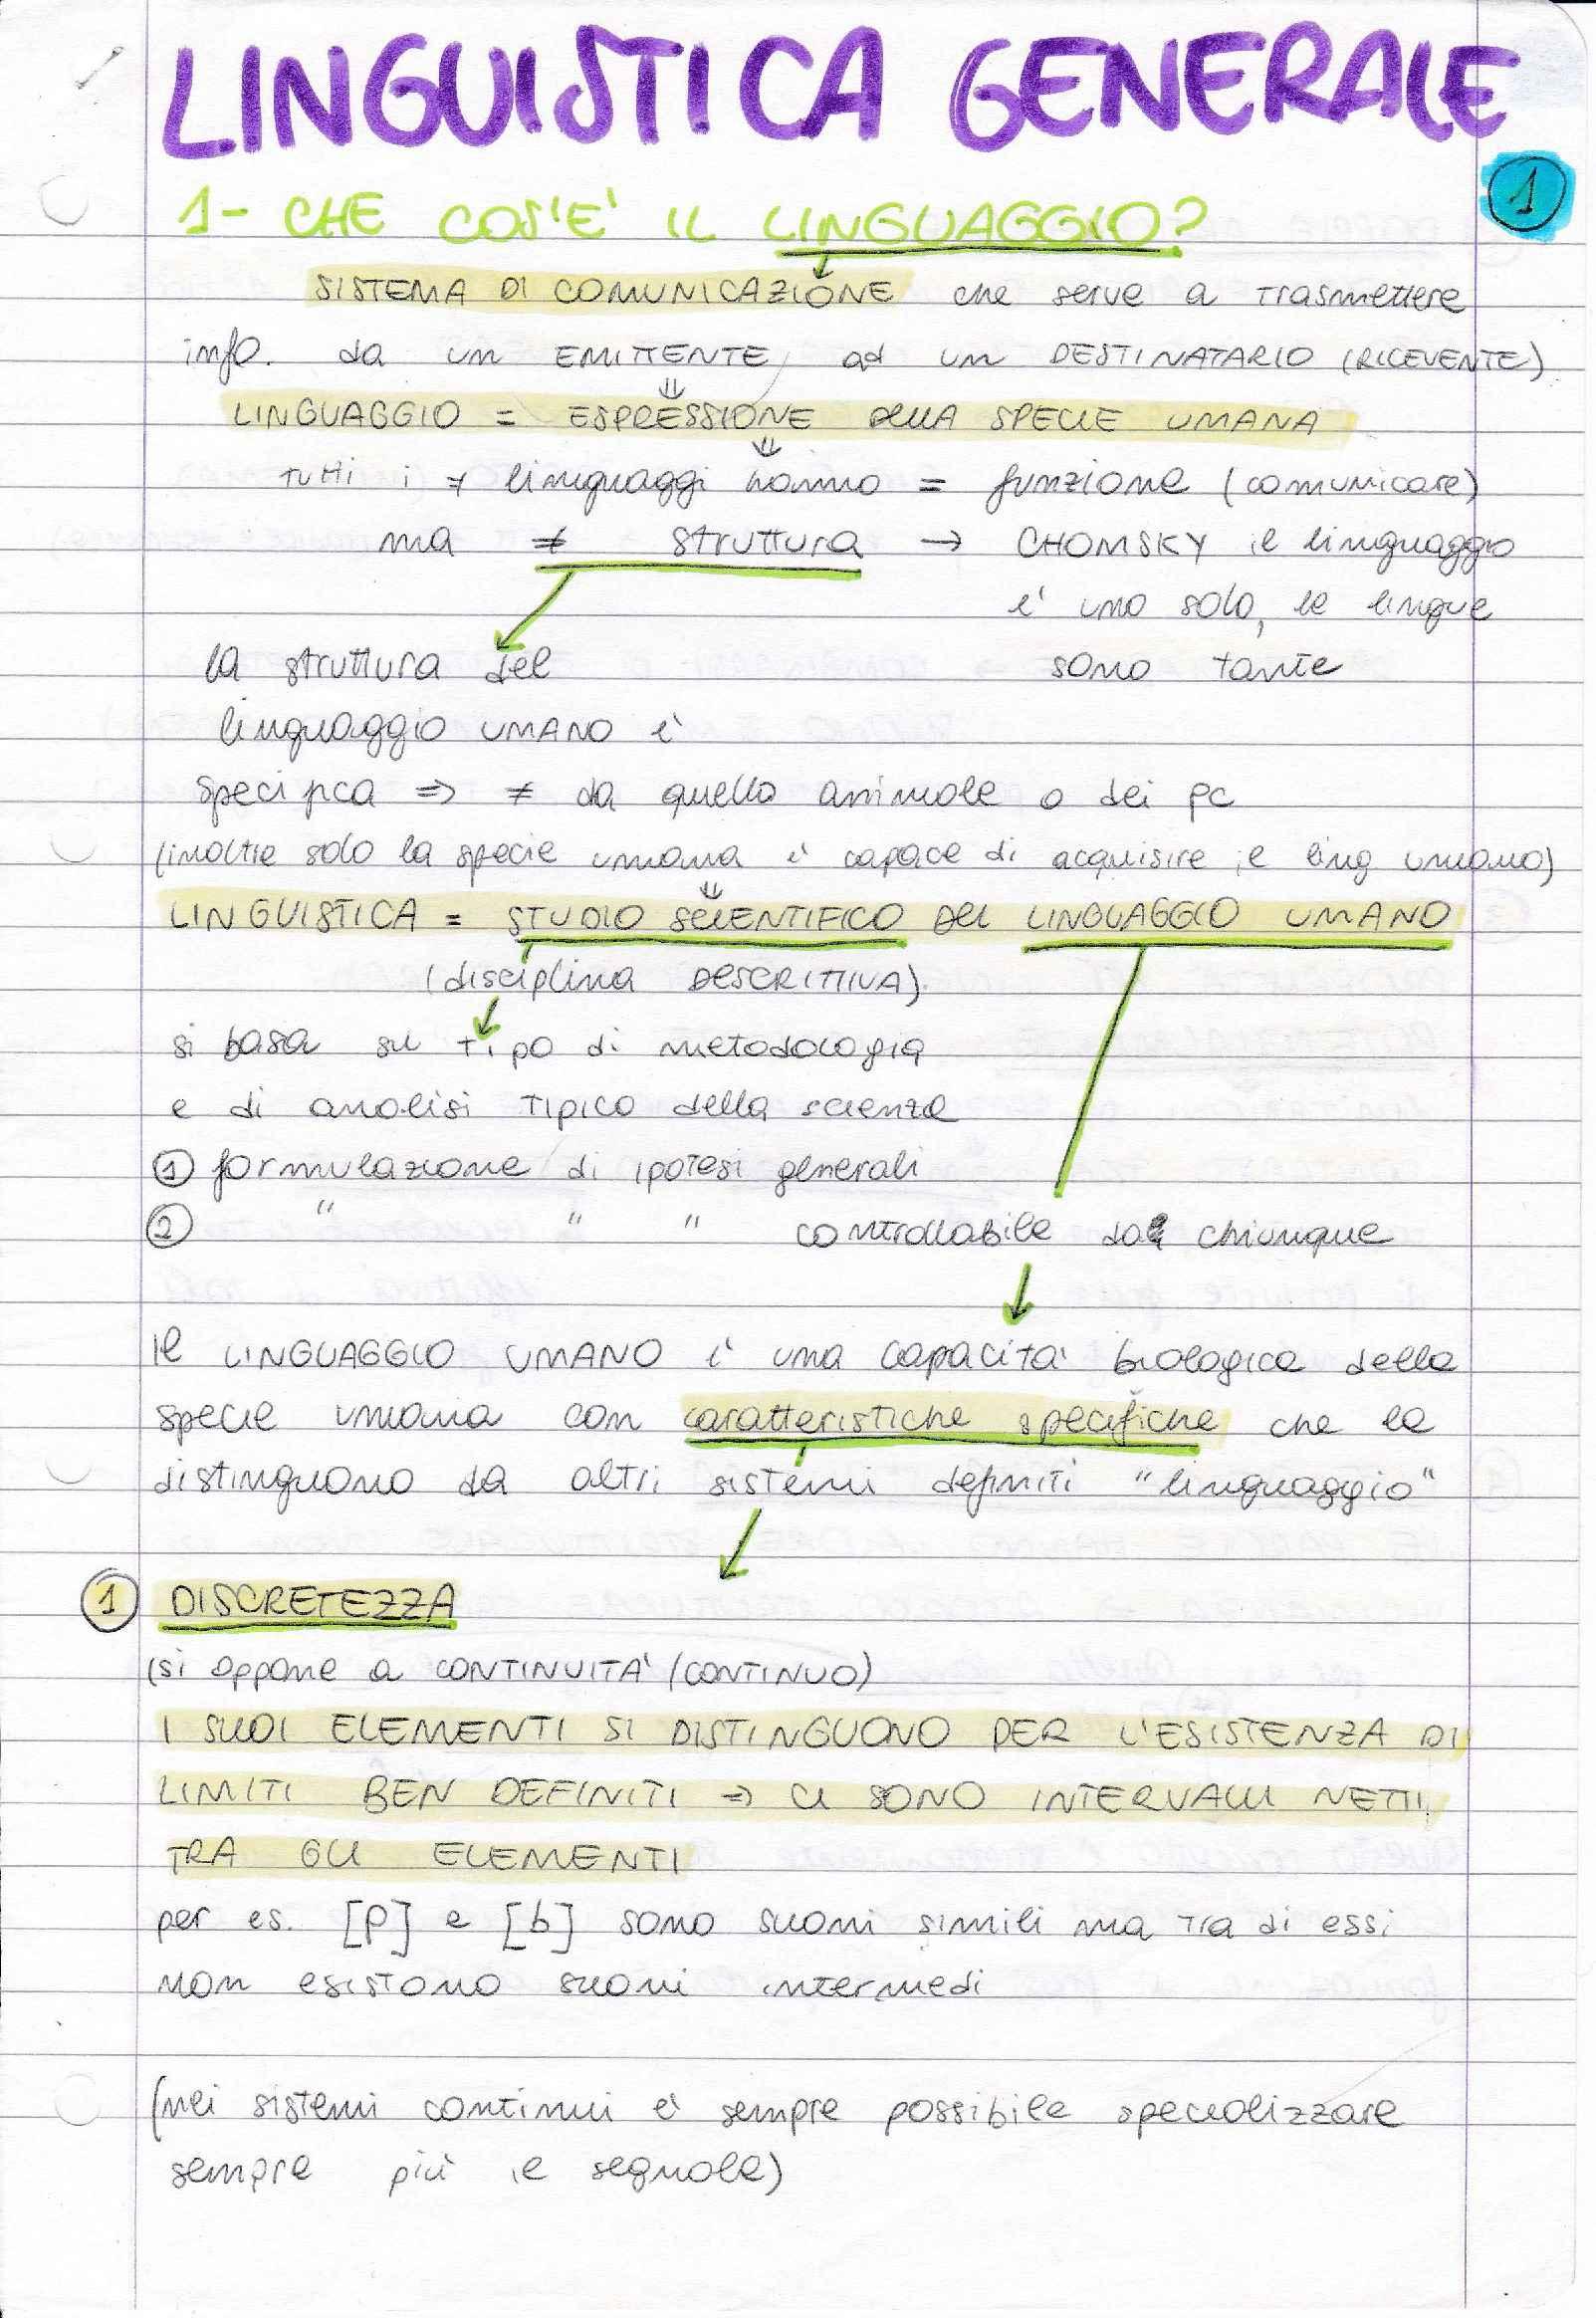 Riassunto esame Linguistica generale, prof. Graffi, libro consigliato Le lingue e il linguaggio, Graffi Scalise